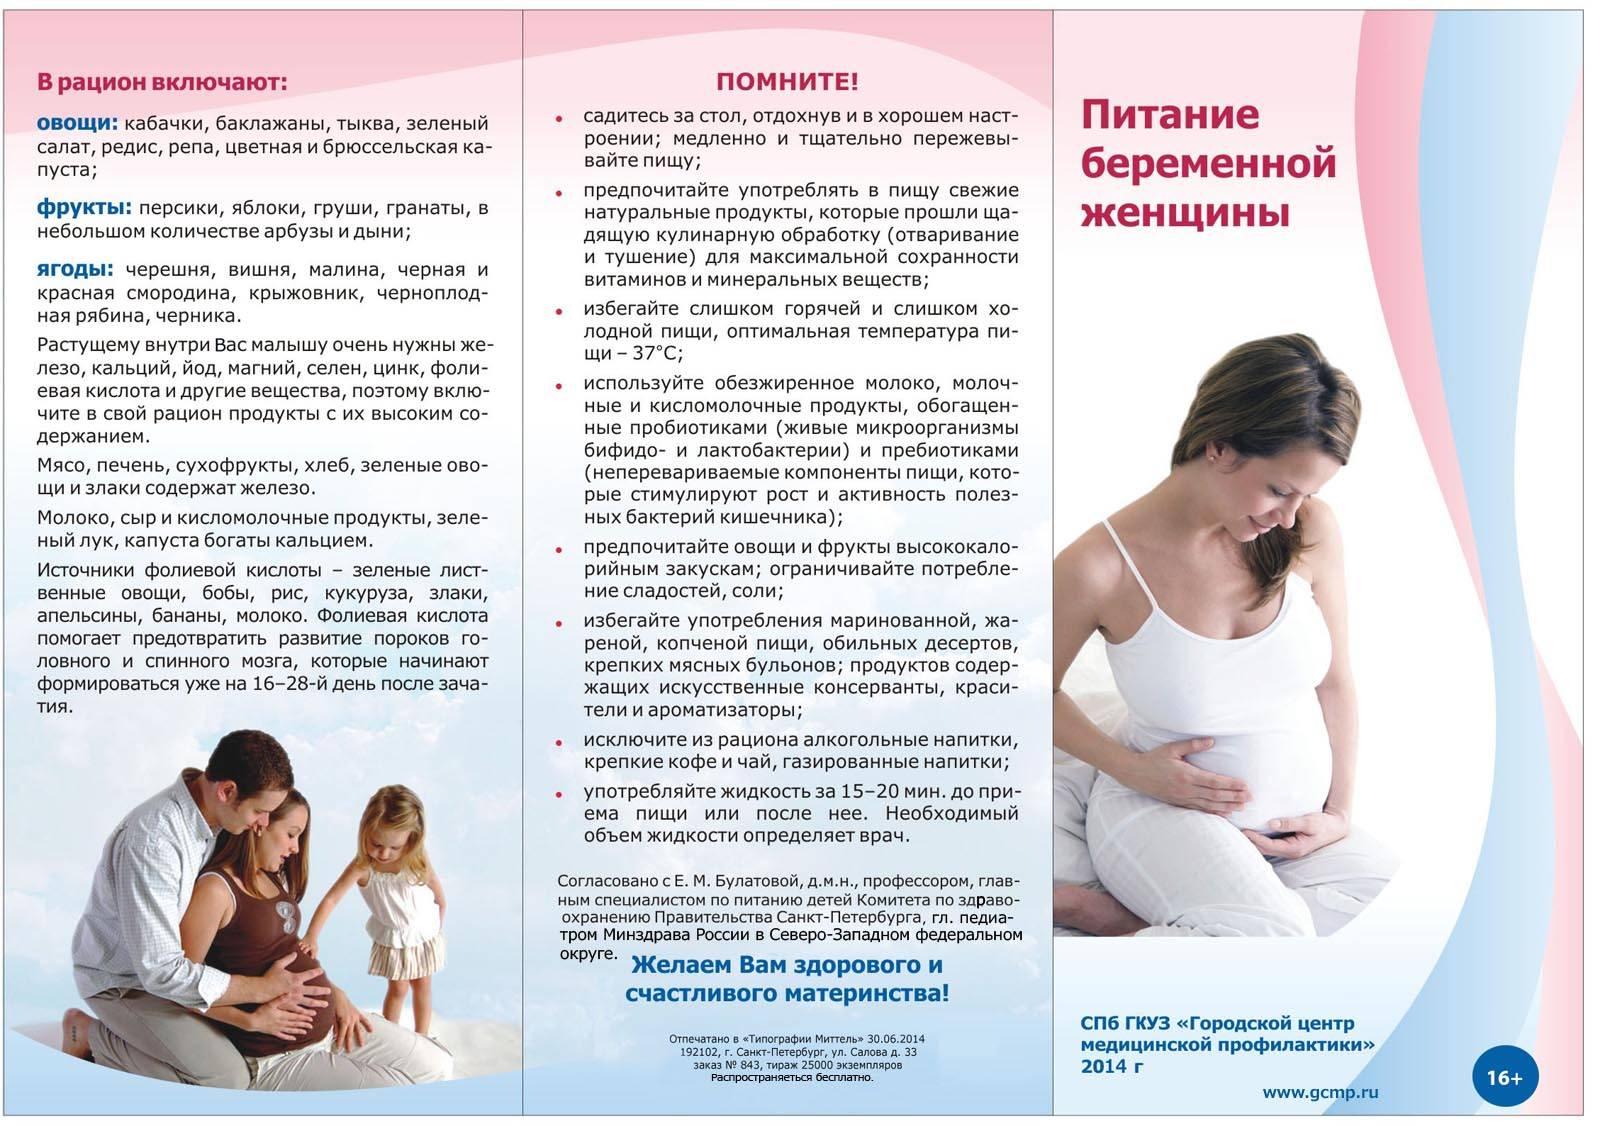 Что такое прегравидарная подготовка к беременности